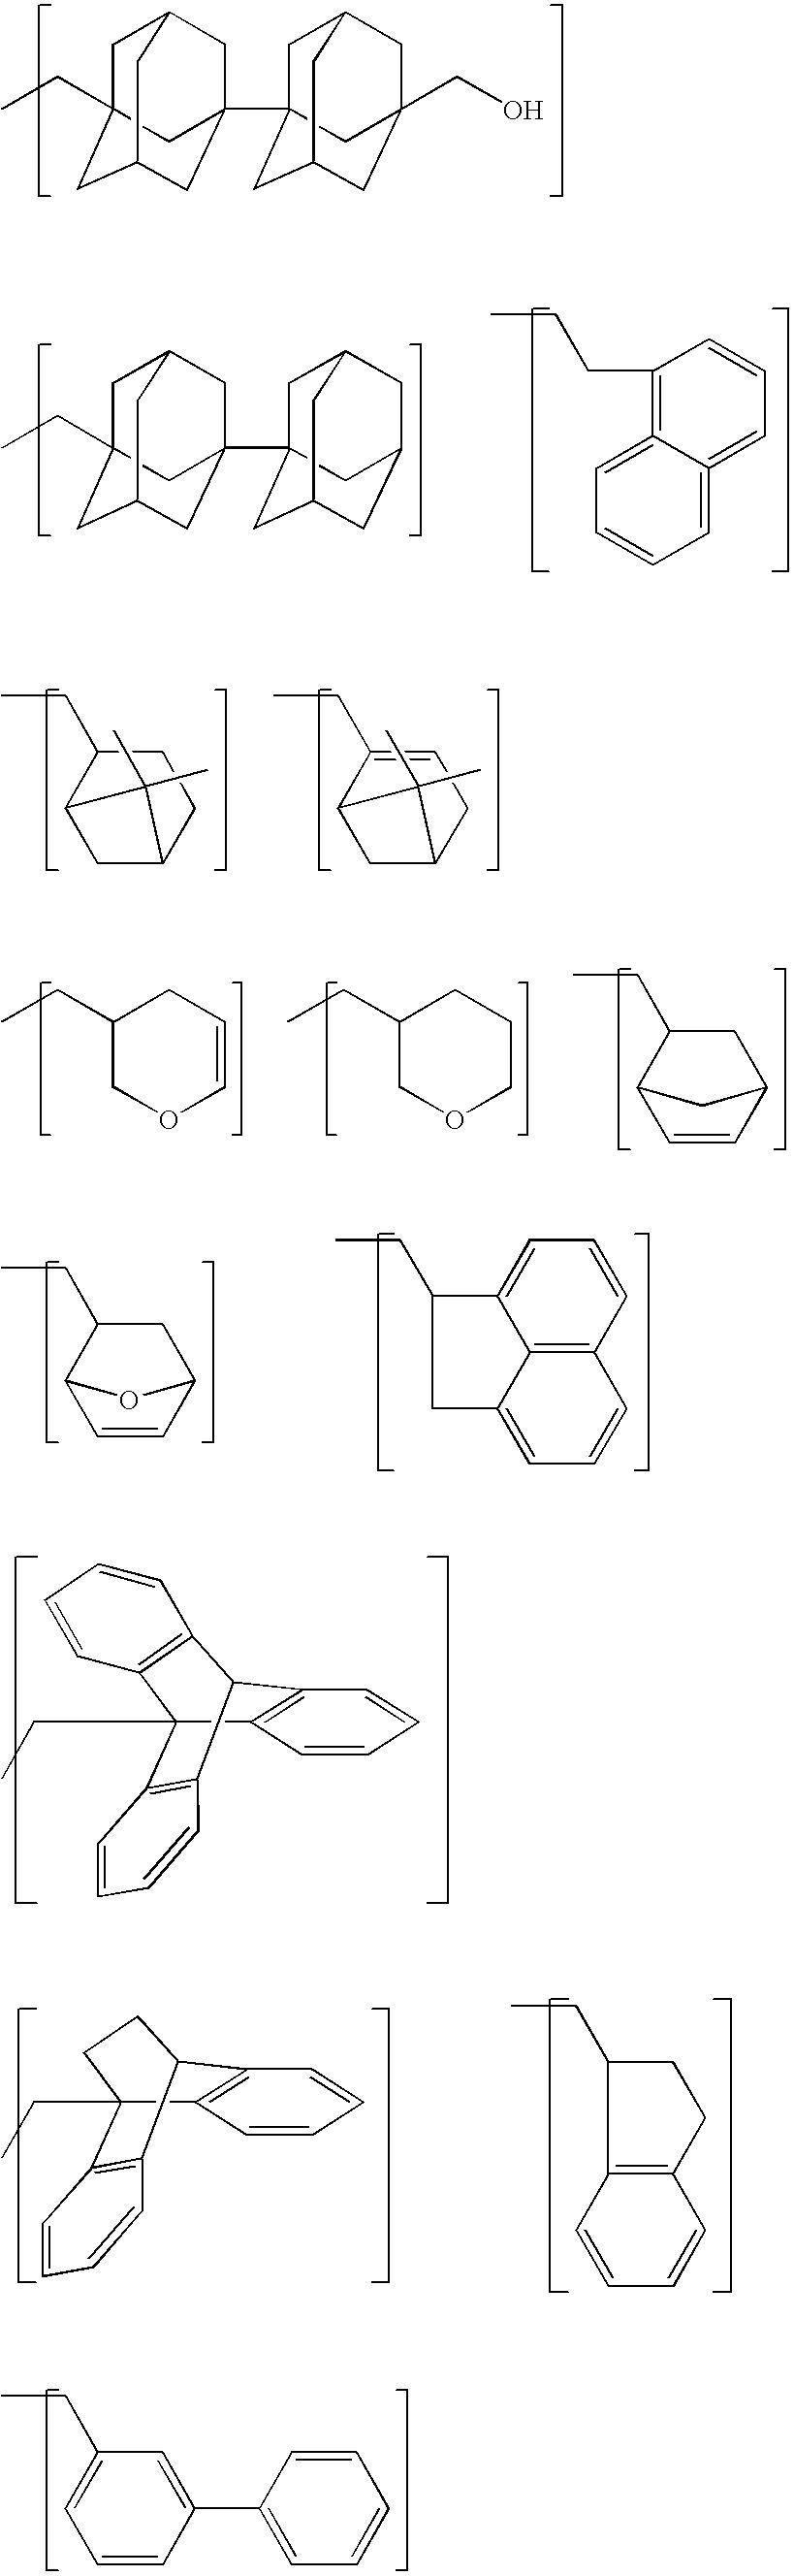 Figure US20070275325A1-20071129-C00017